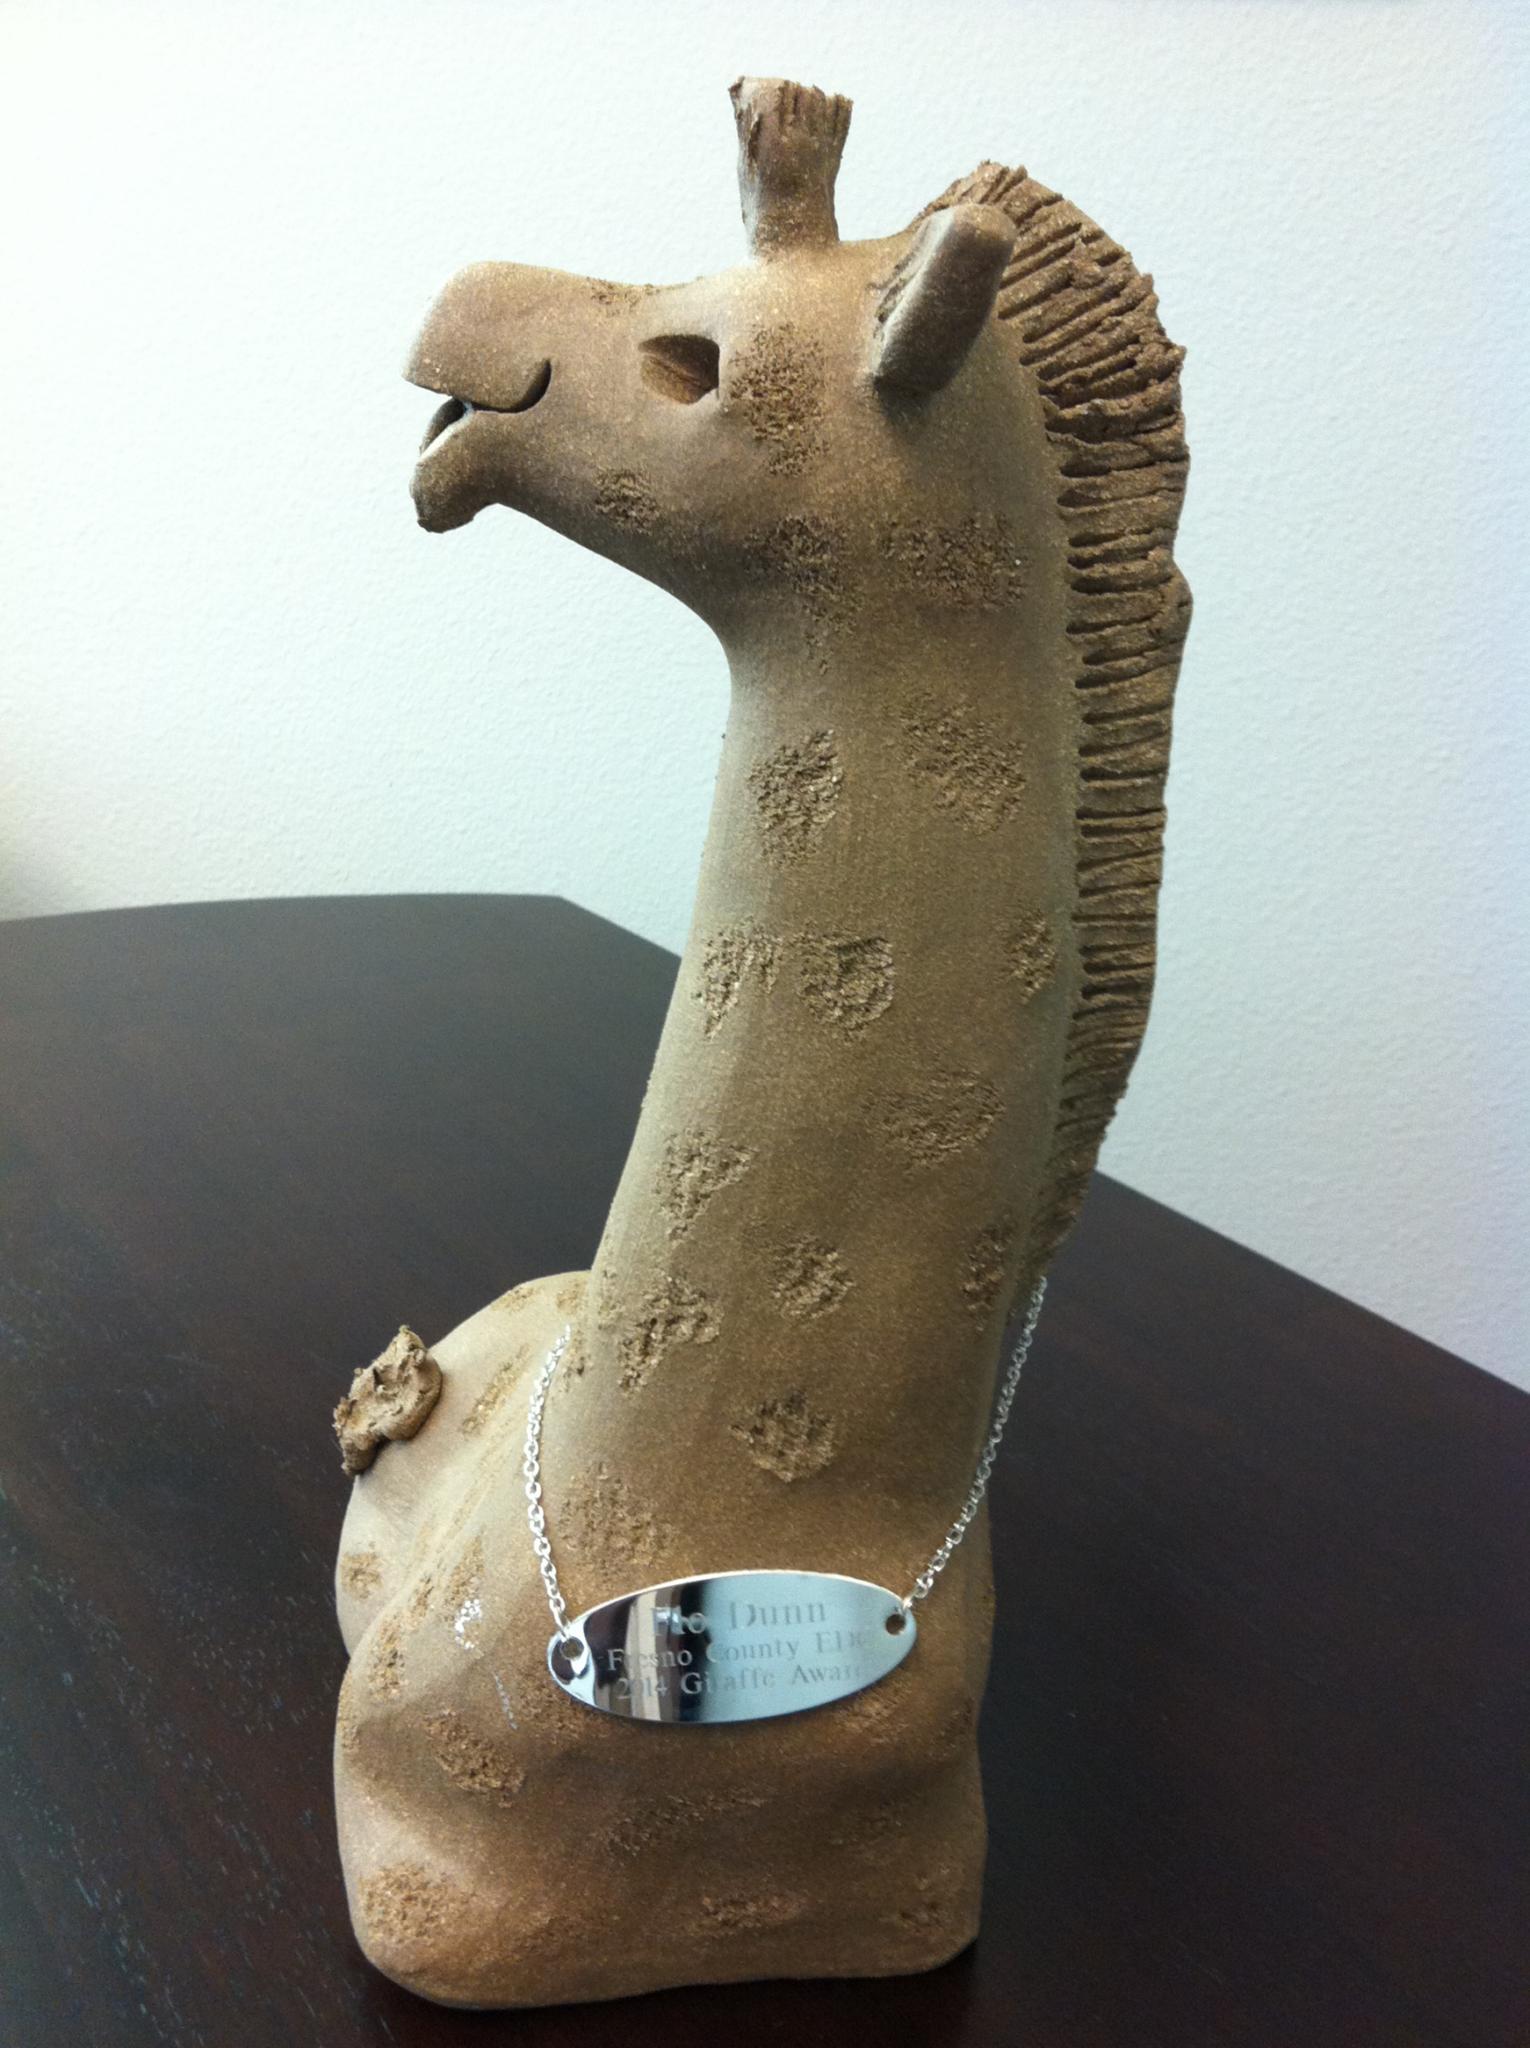 Flo Giraffe award 2014 (Copy)